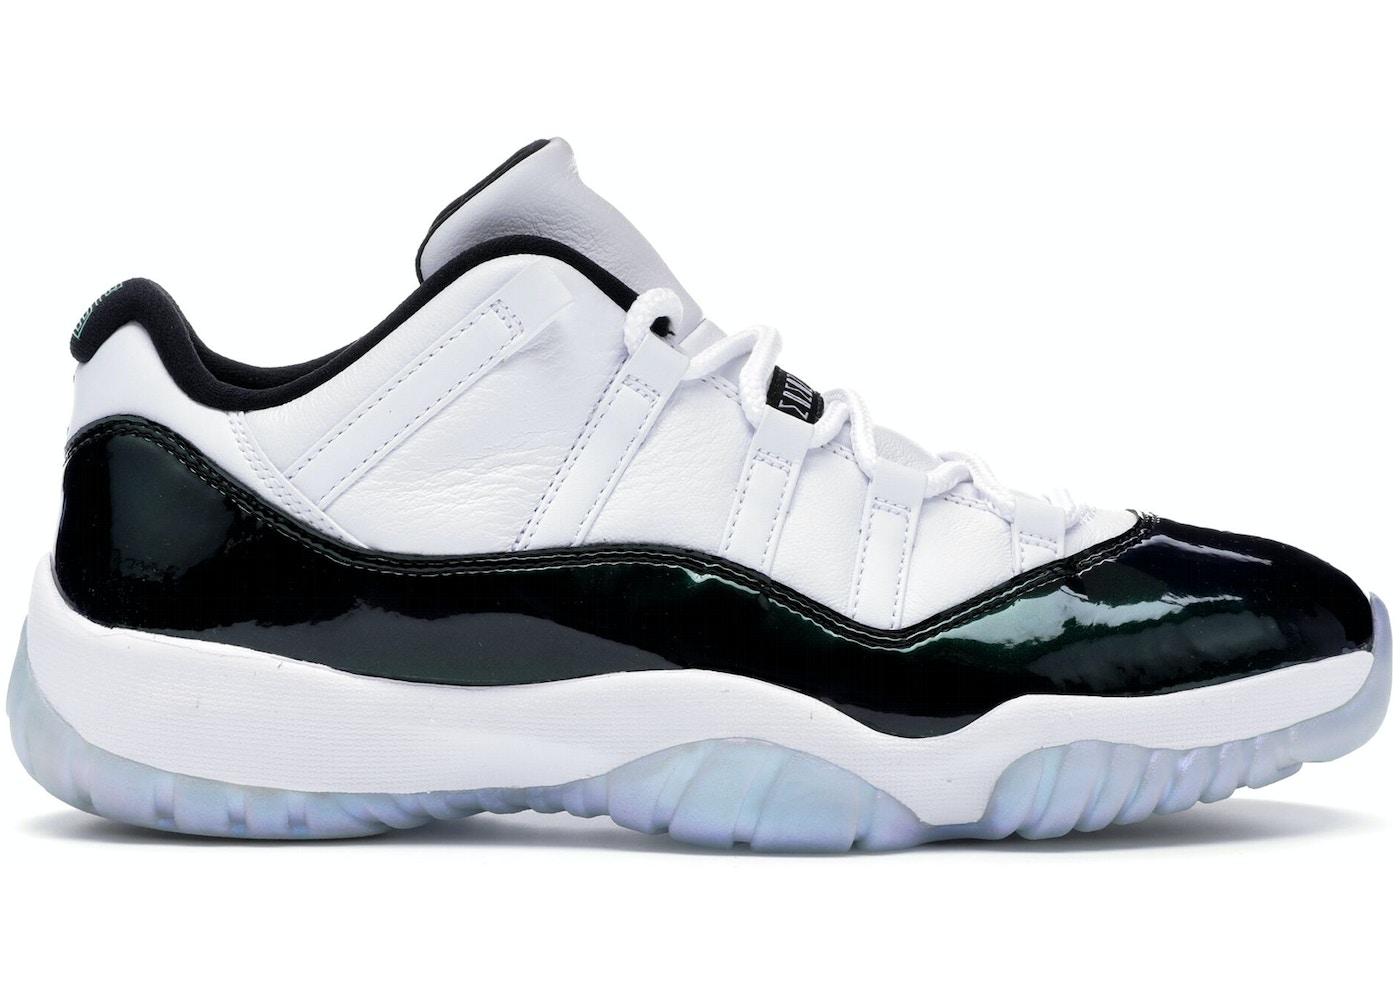 promo code 47807 65f13 Buy Air Jordan 11 Shoes & Deadstock Sneakers